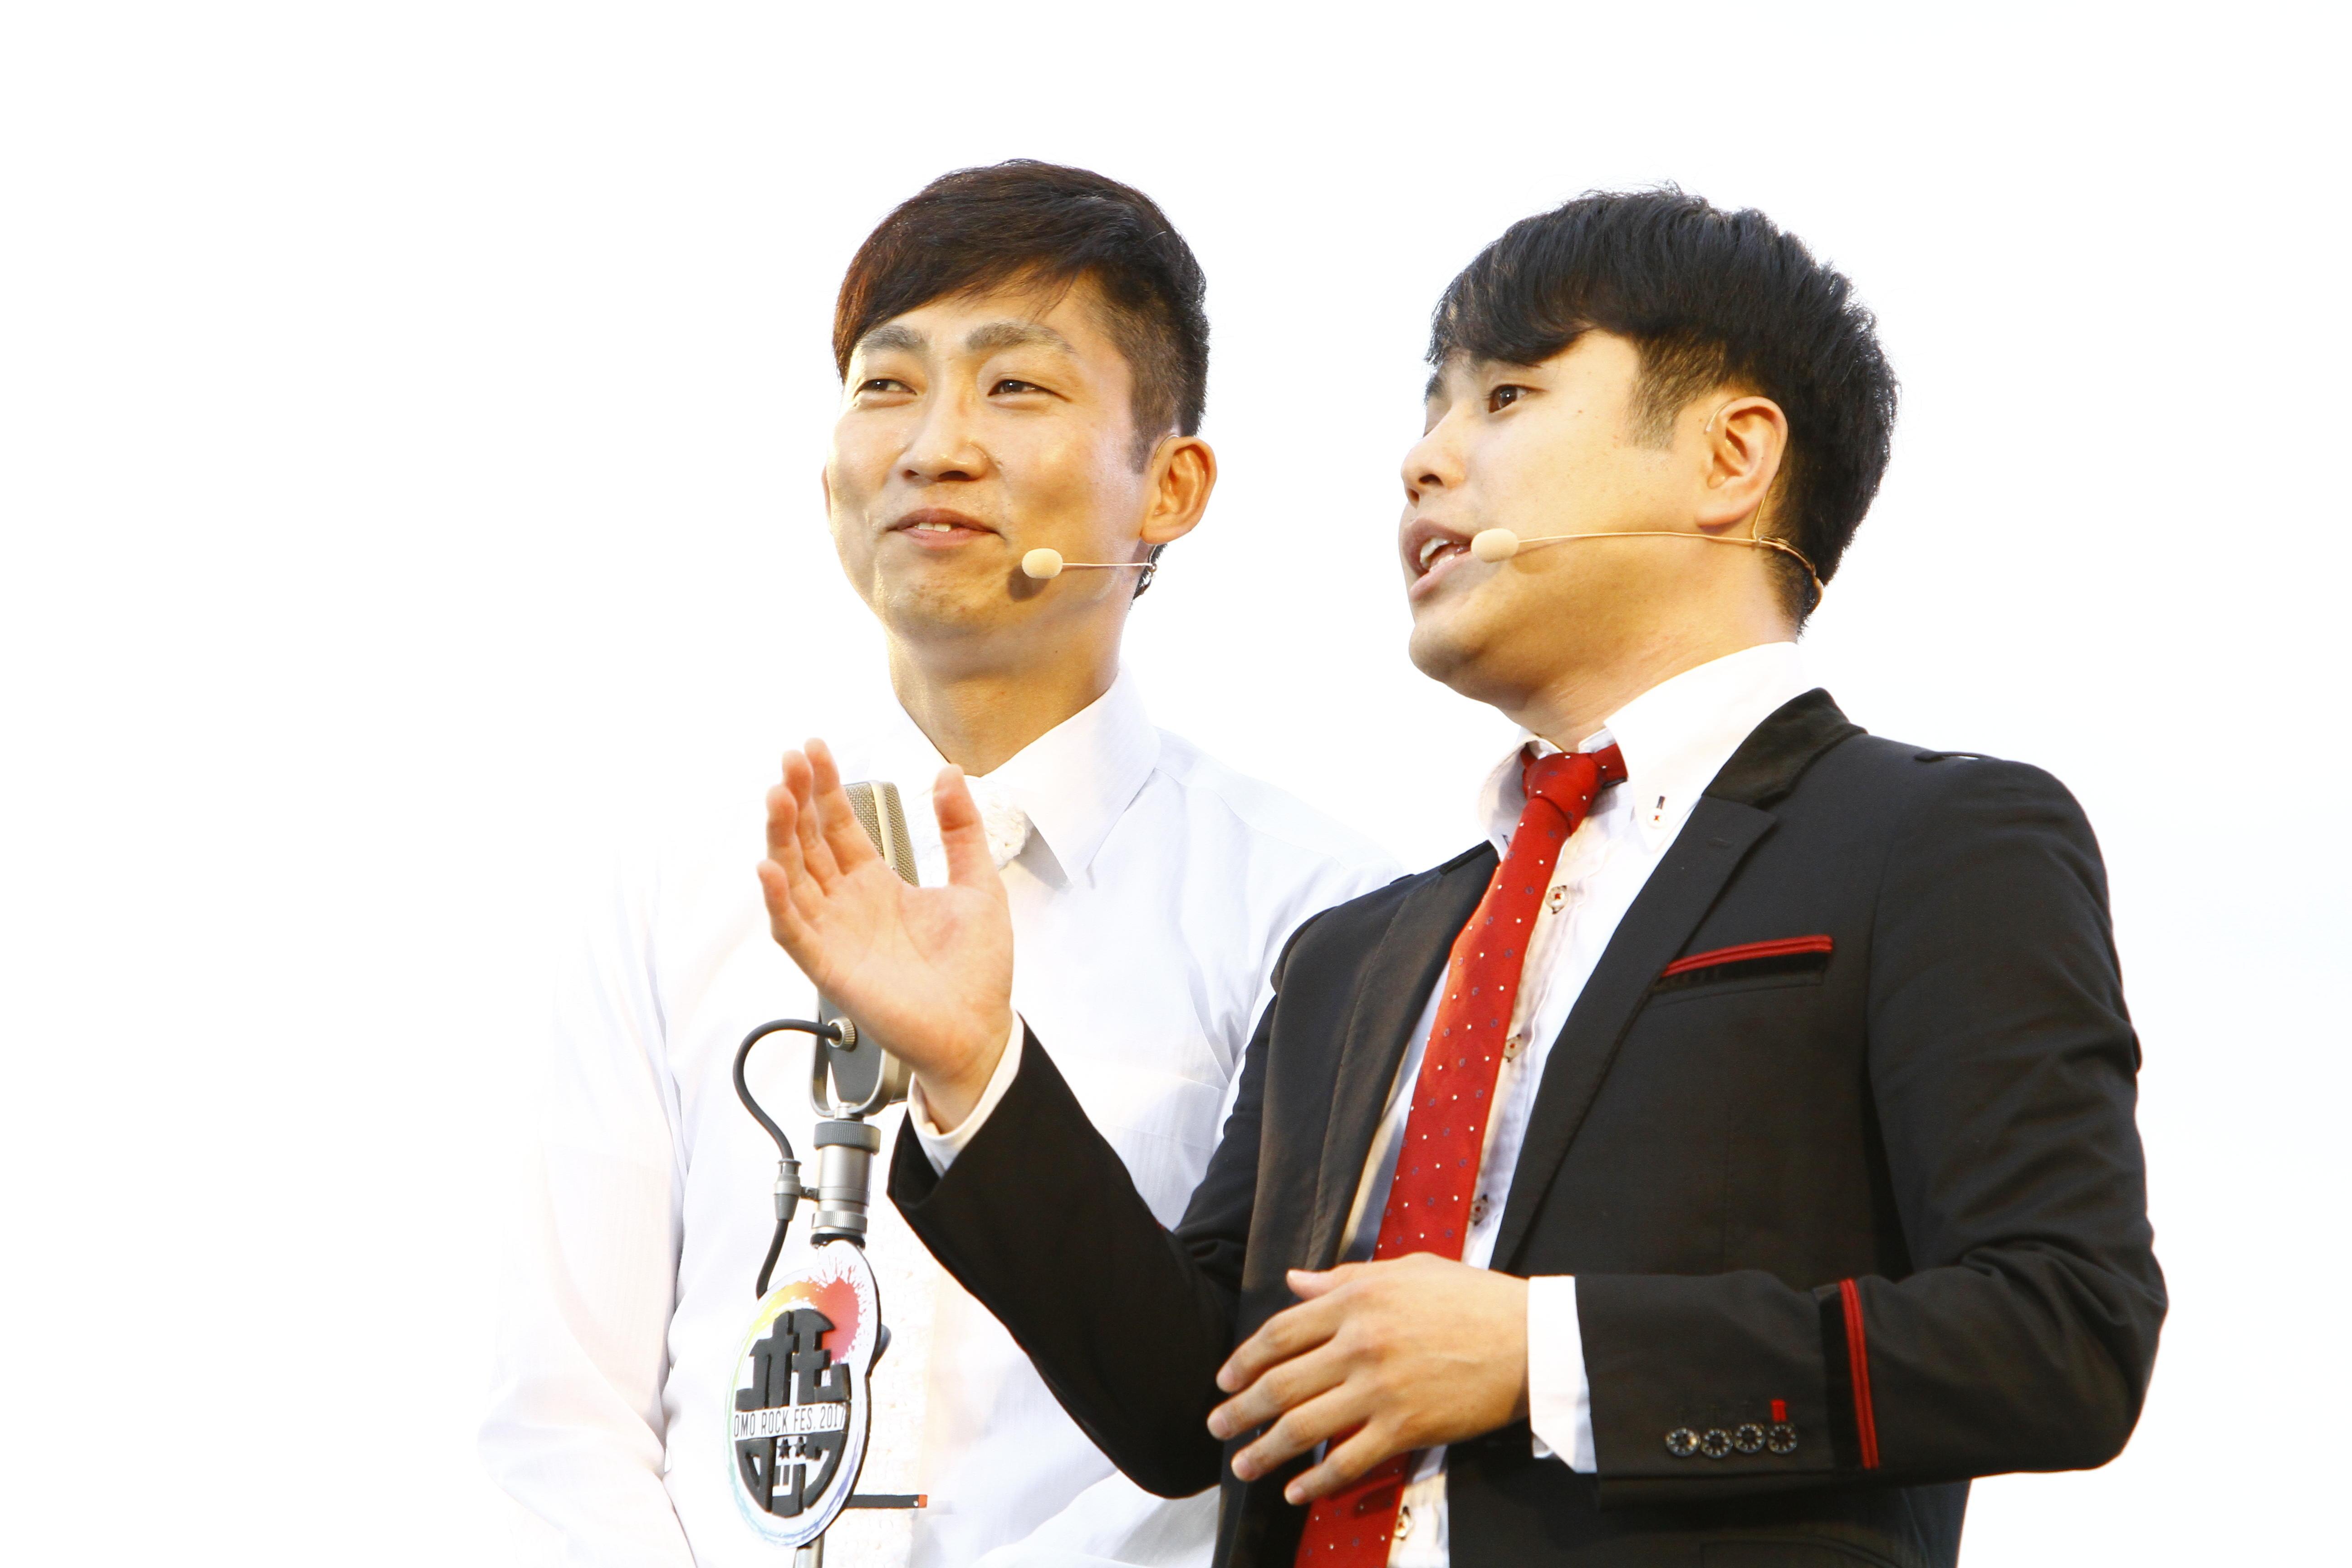 http://news.yoshimoto.co.jp/20170807021103-878a57f1310e6d64975ff94ed203ed5eb6e3b707.jpg